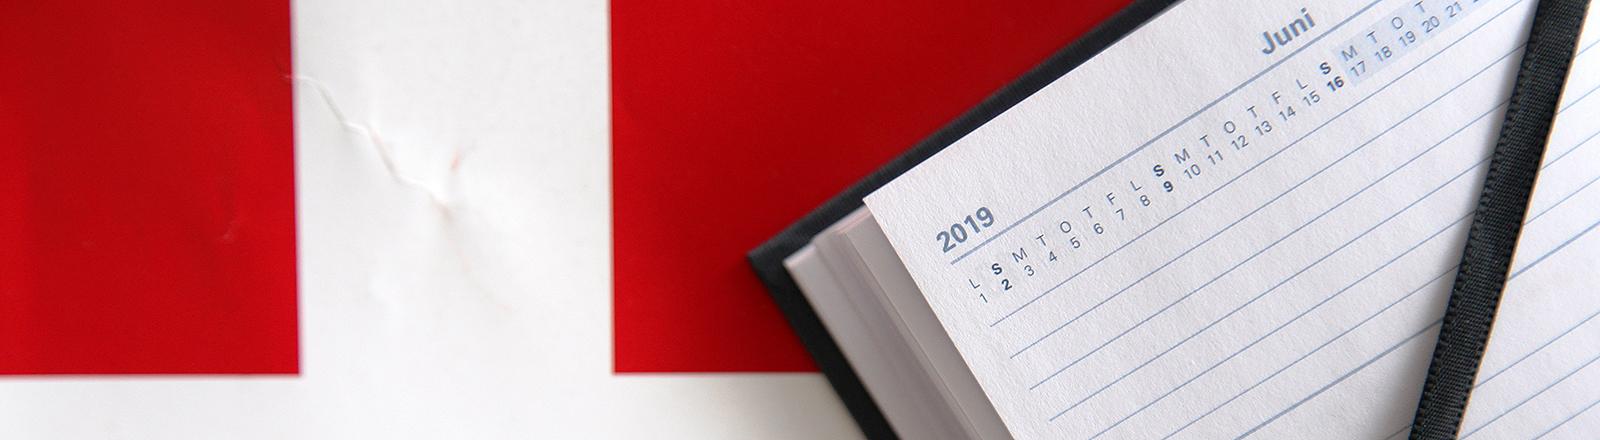 """LLUSTRATION - 06.03.2019, Dänemark, Kopenhagen: Ein aufgeschlagener Kalender liegt in Kopenhagen auf einer Dänemark-Flagge aus Papier. Der 17. Juni ist der Tag, an dem die diesjährige Parlamentswahl in Dänemark allerspätestens stattfinden muss. Wann die Wahl genau abgehalten wird, ist 100 Tage vor dem letzten möglichen Datum noch völlig unklar. (zu dpa """"Die dänische Ungewissheit - Løkkes Poker um das Wahldatum"""" am 08.03.) Foto: Steffen Trumpf/dpa"""